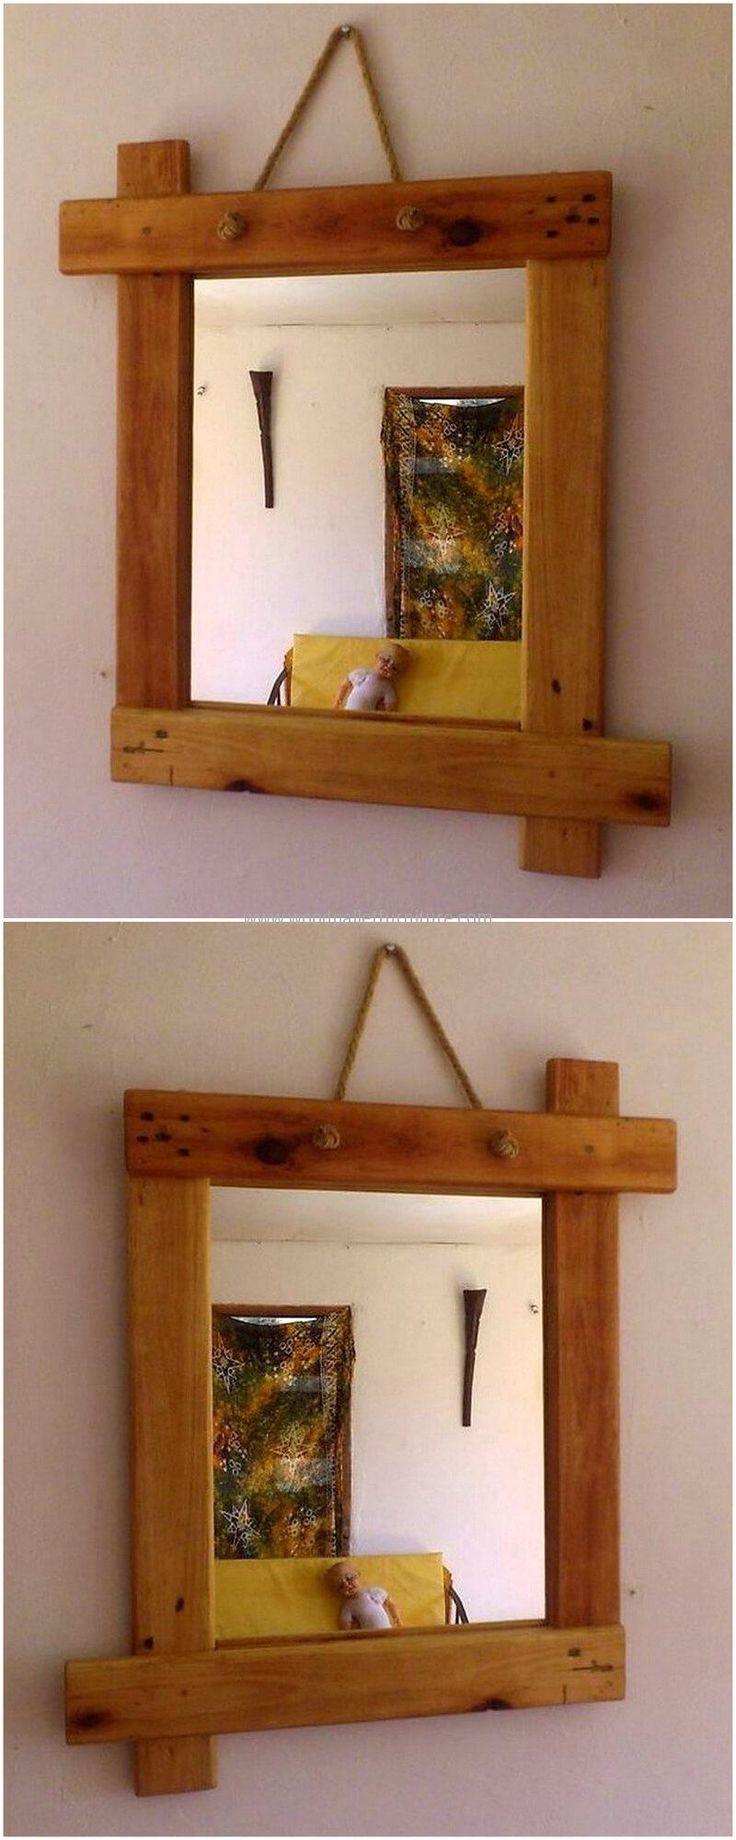 M s de 25 ideas incre bles sobre espejos r sticos en - Espejos rusticos ...